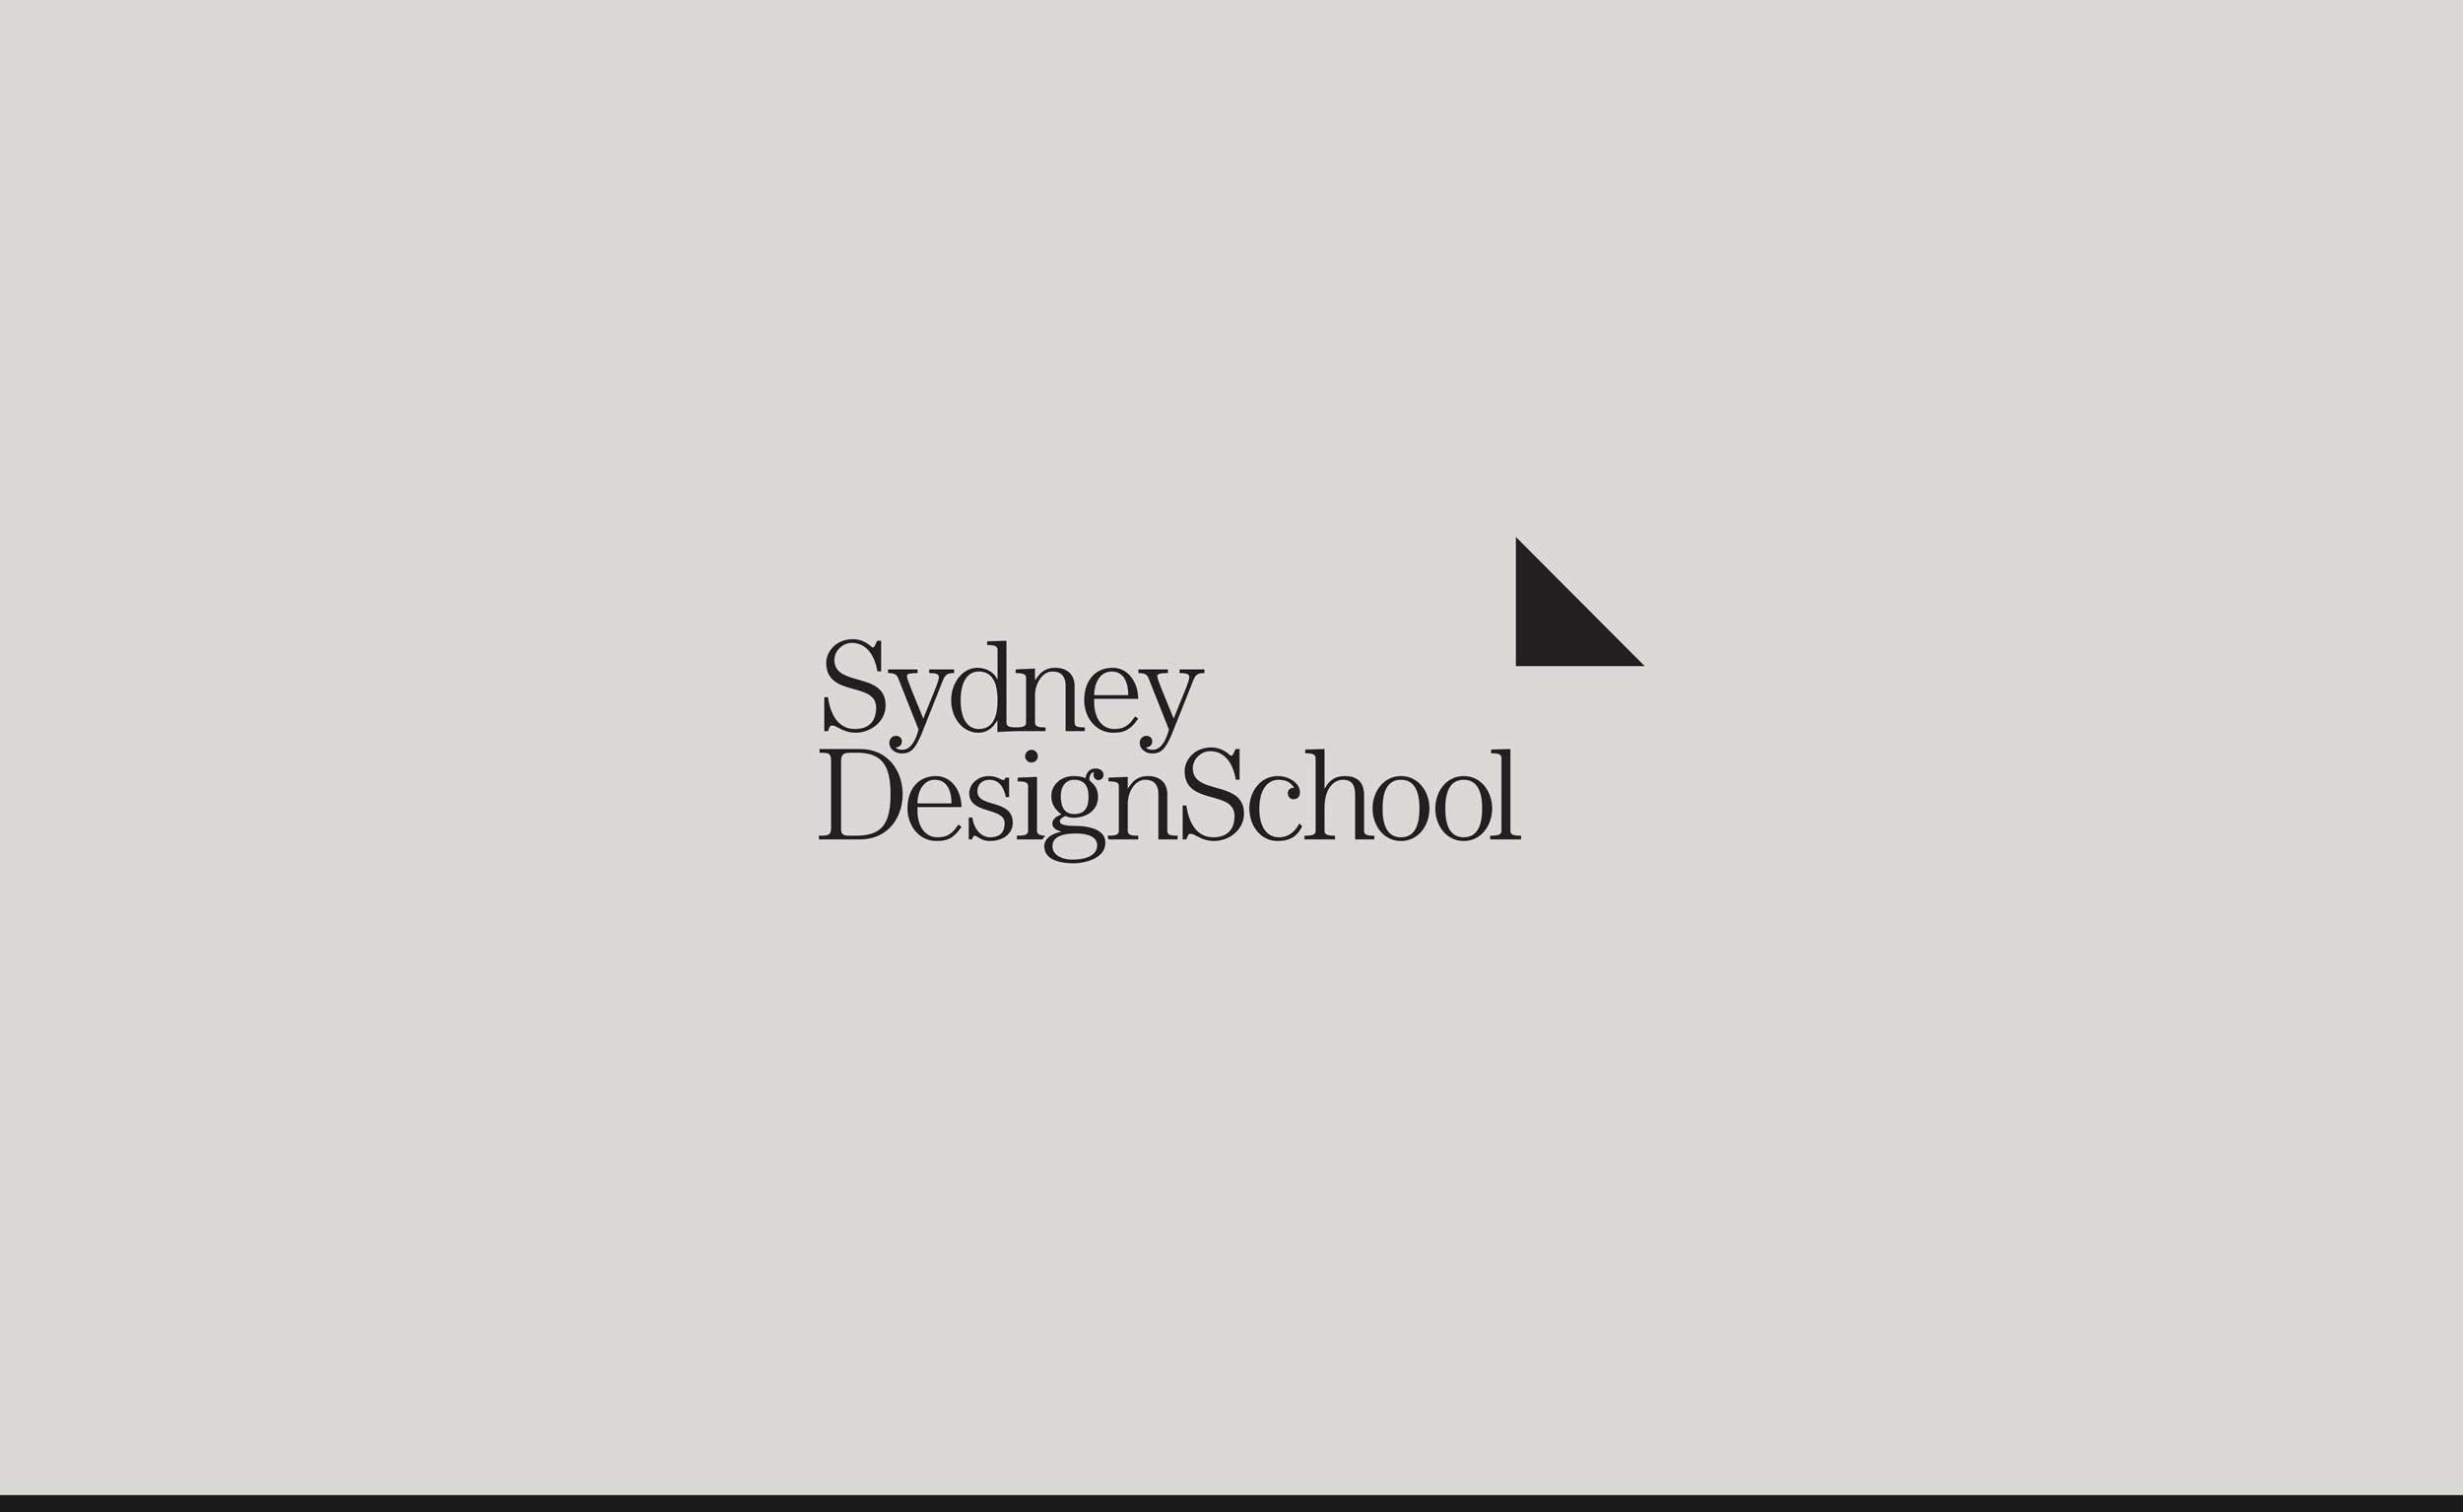 Chris Rae Design Sydney - Sydney Design School 003.jpg